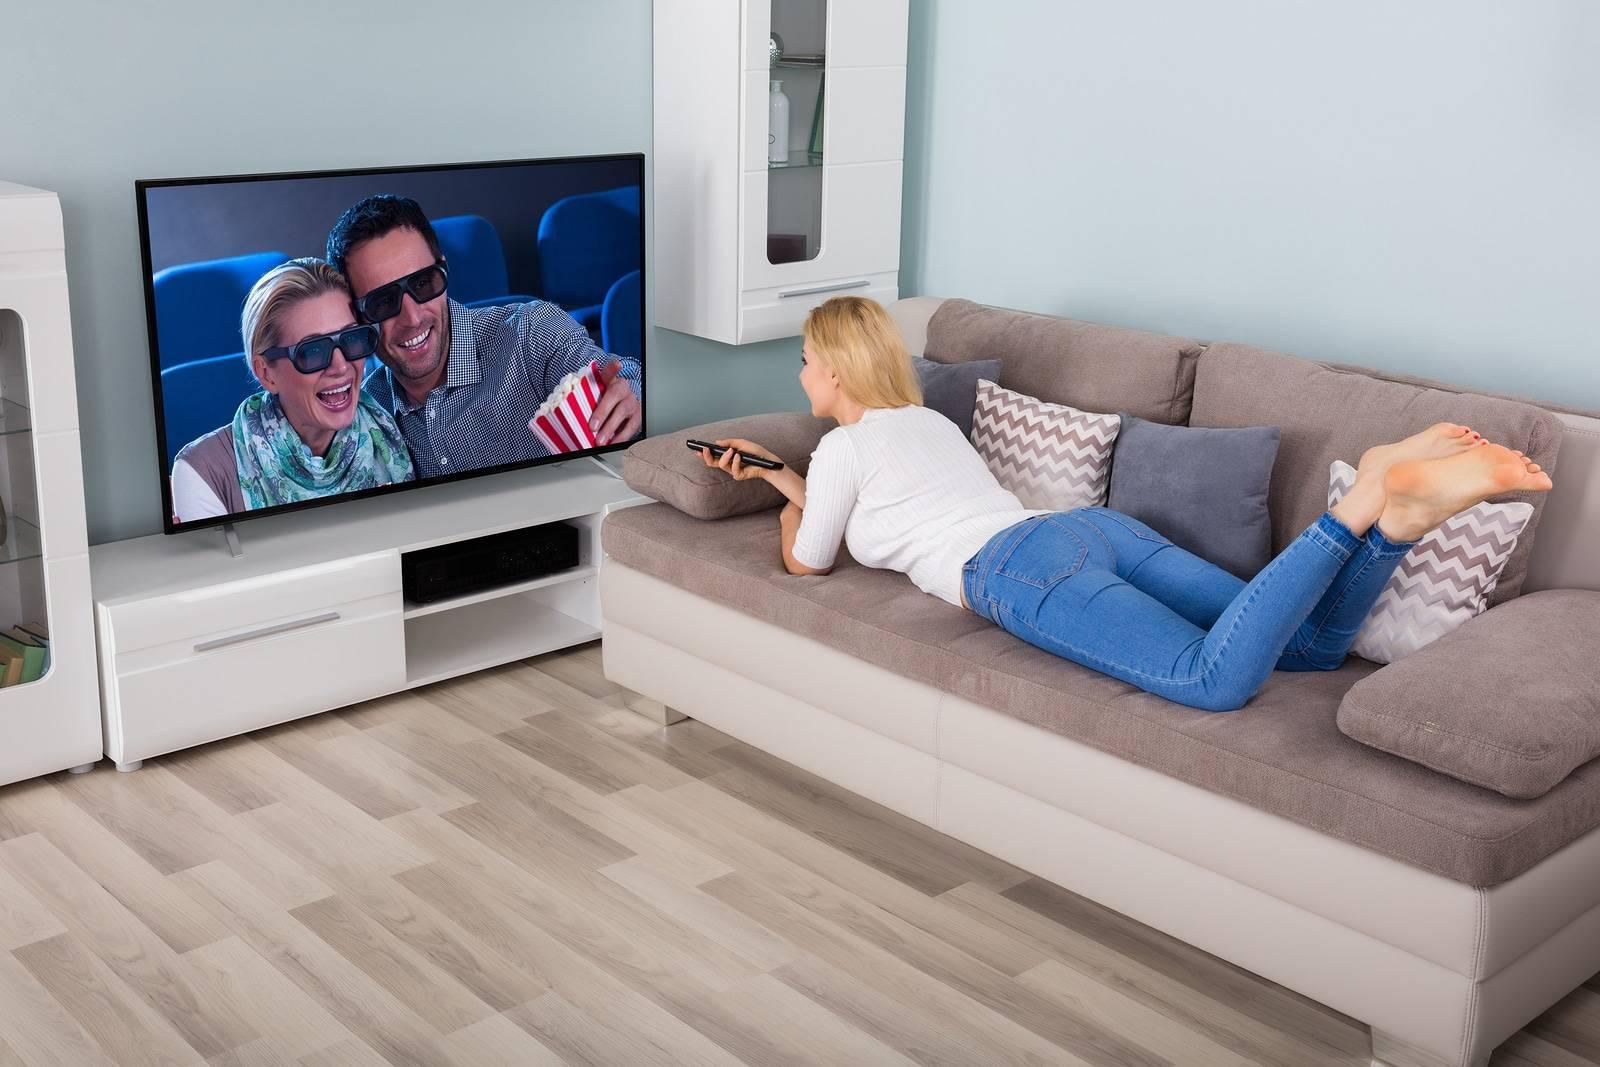 Глаза тереть небезопасно, близко смотреть телевизор вредно, или мифы и правда о зрении